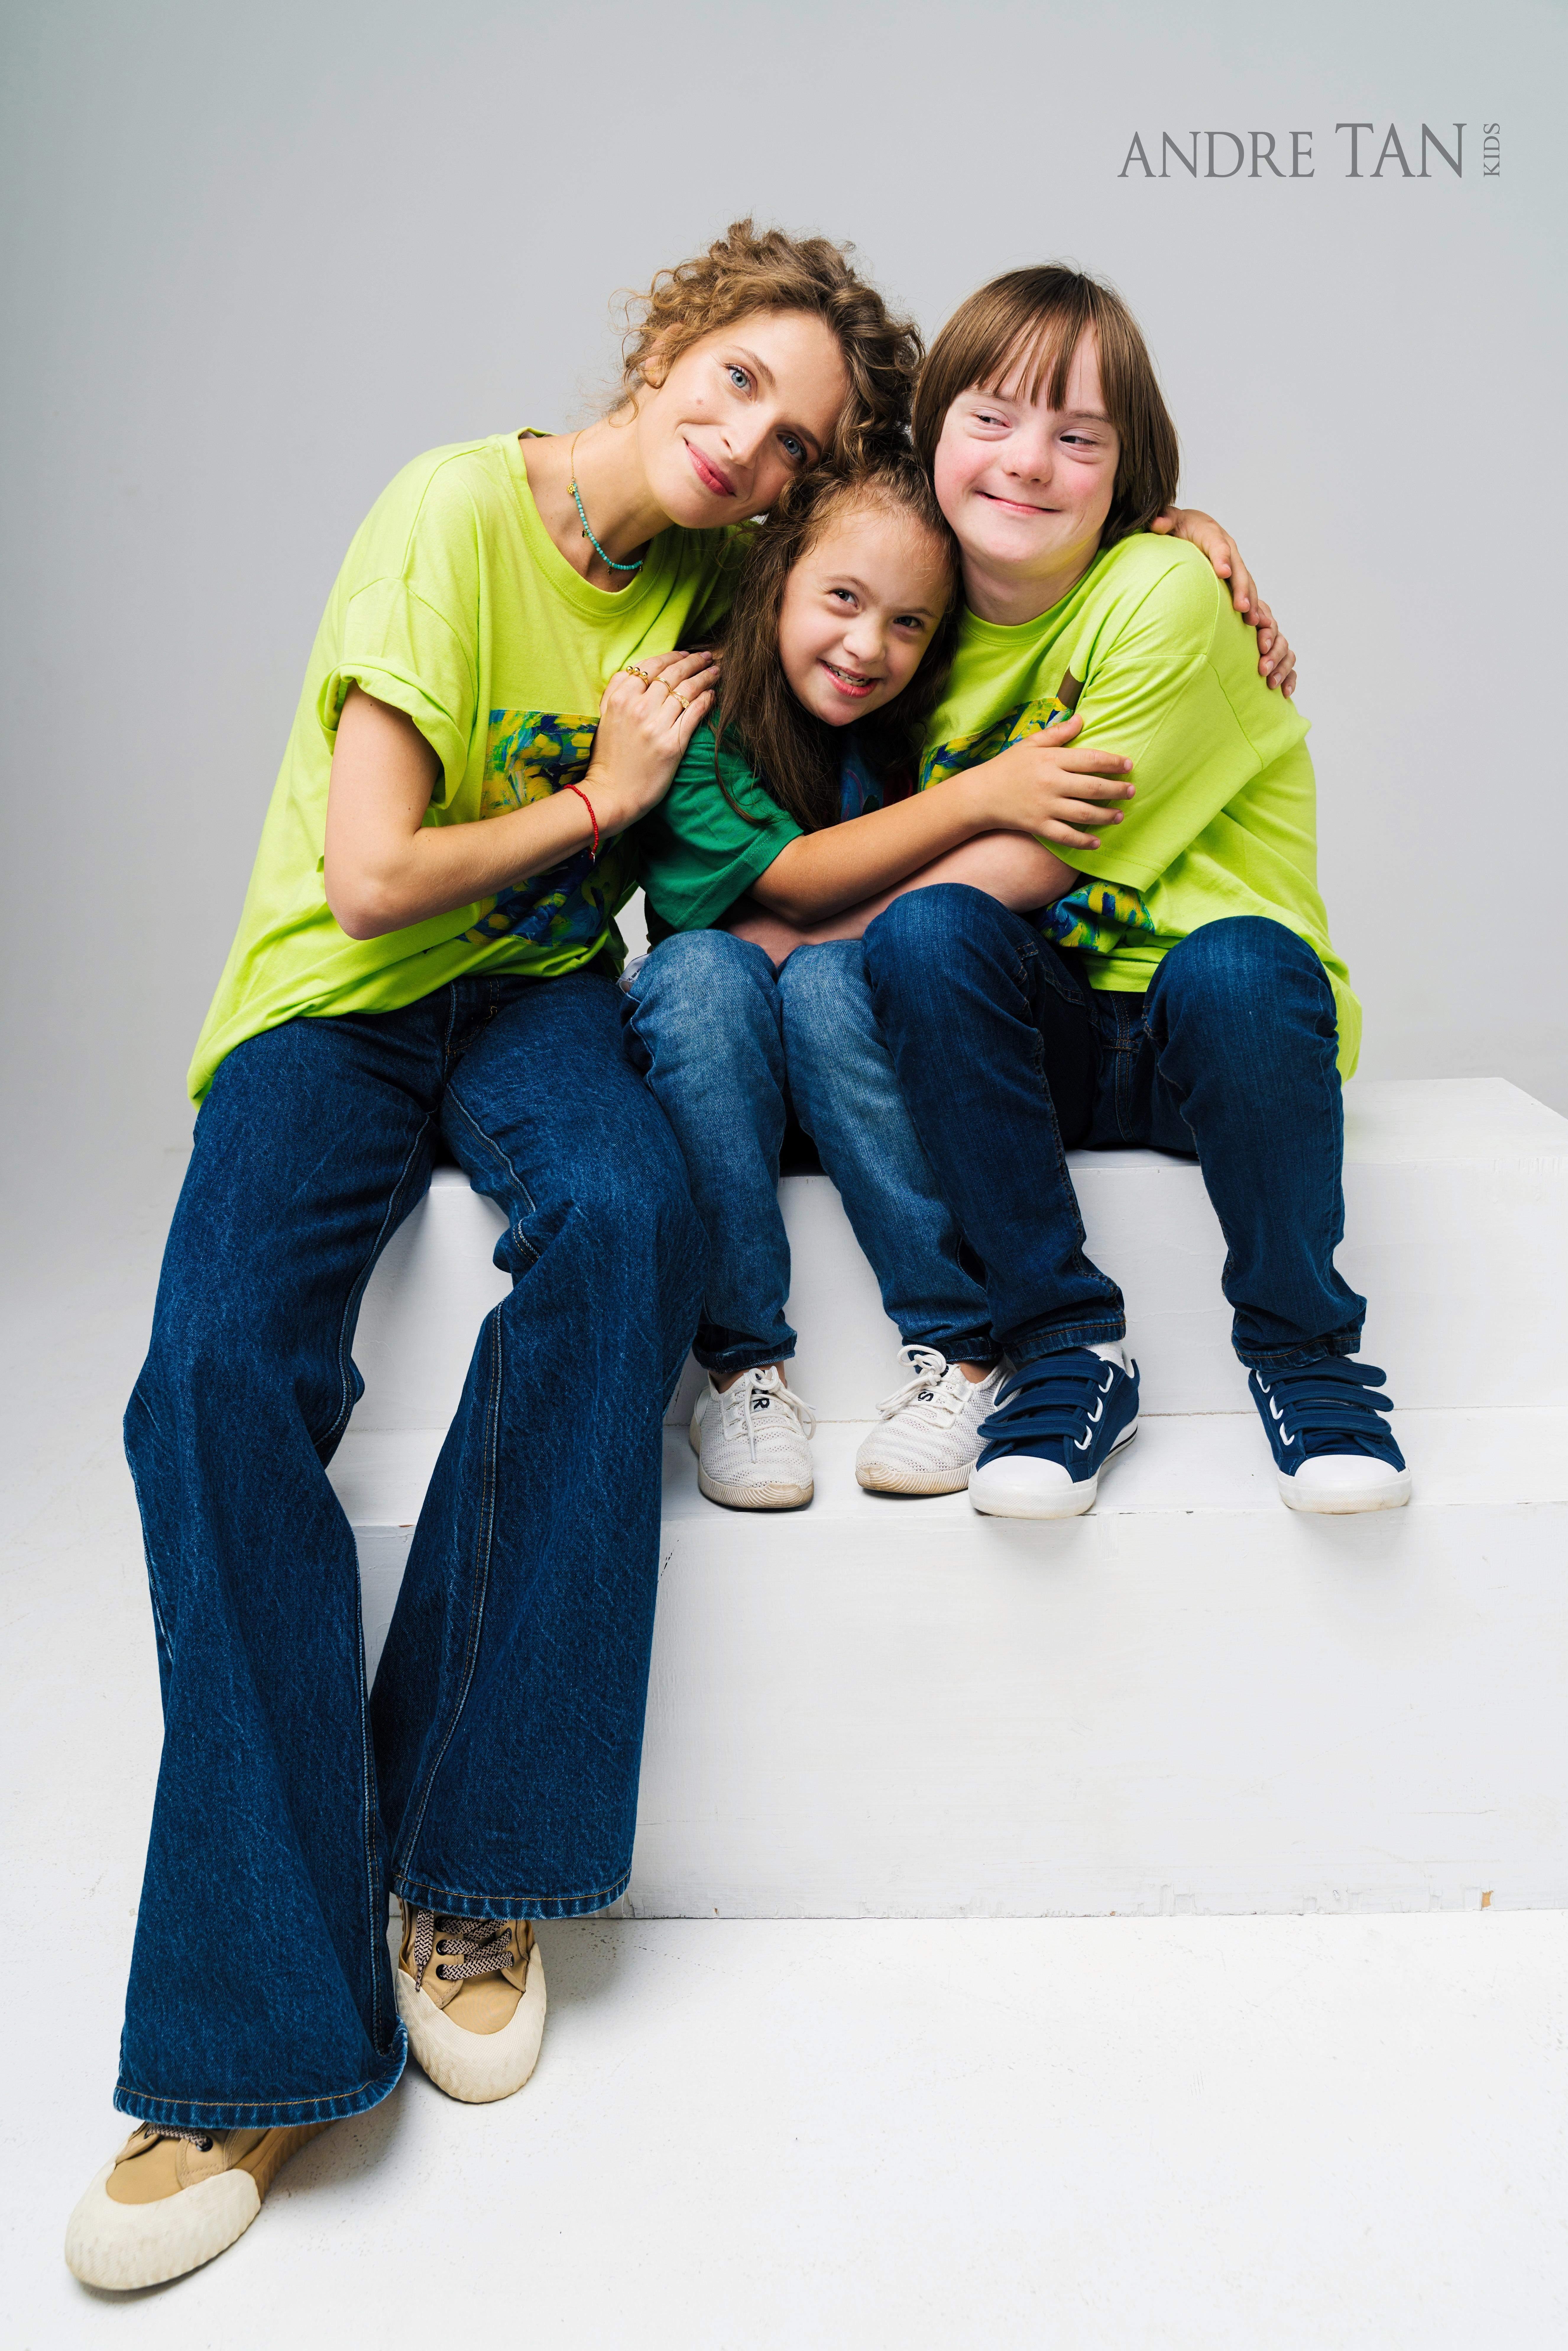 зірки у зйомці з дітьми з особливими потребами